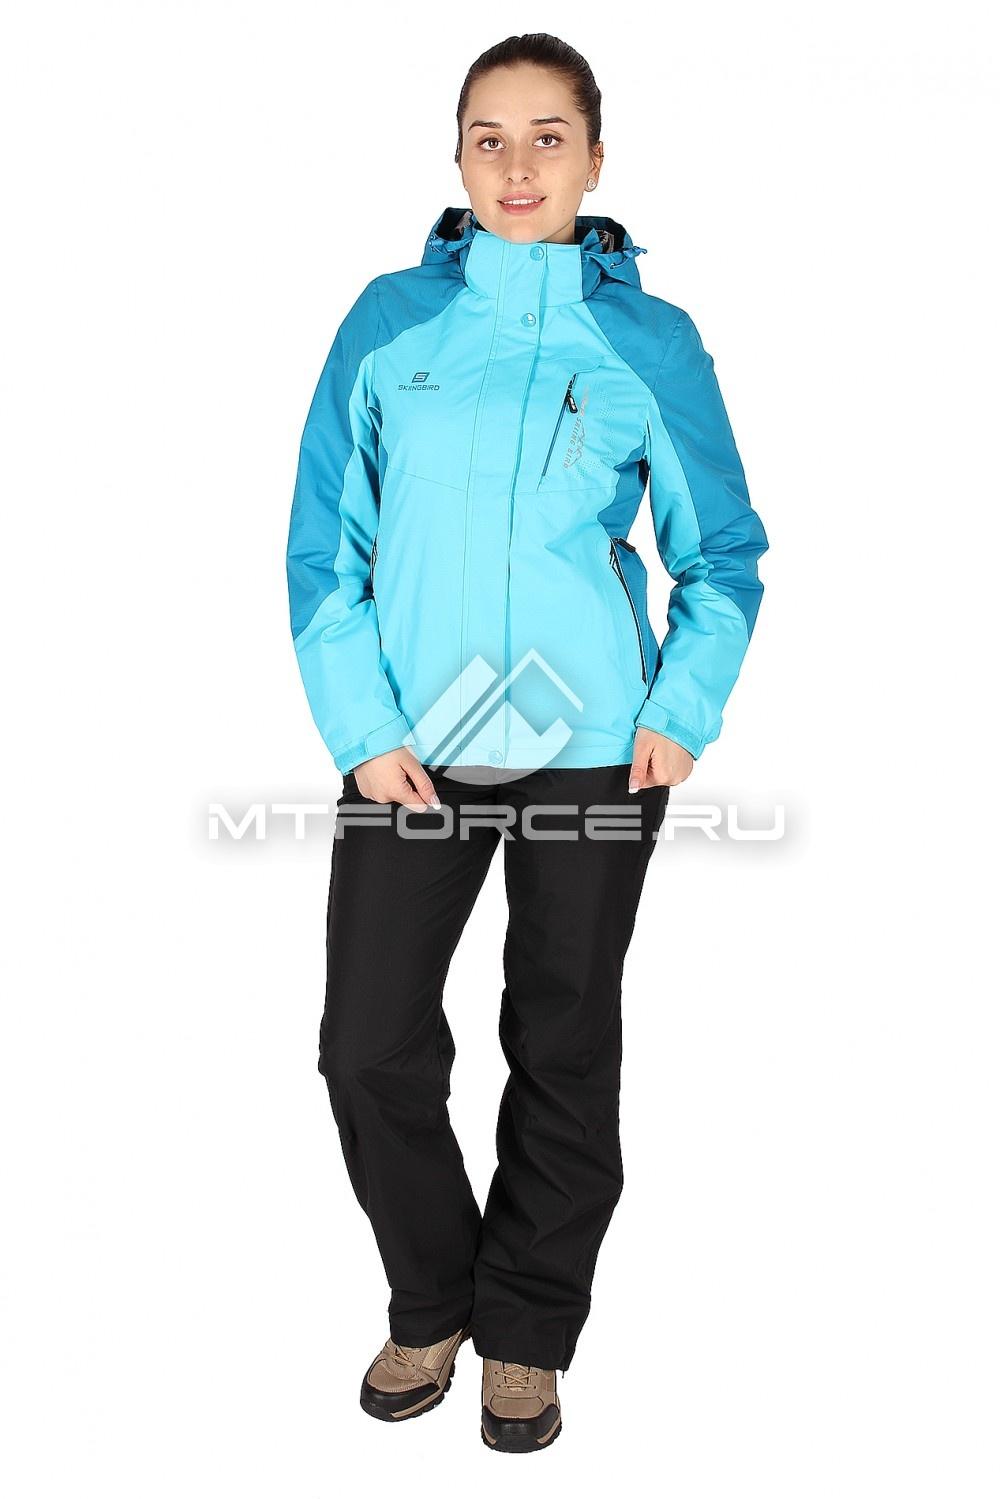 Купить                                  оптом Костюм женский синего цвета 01612S